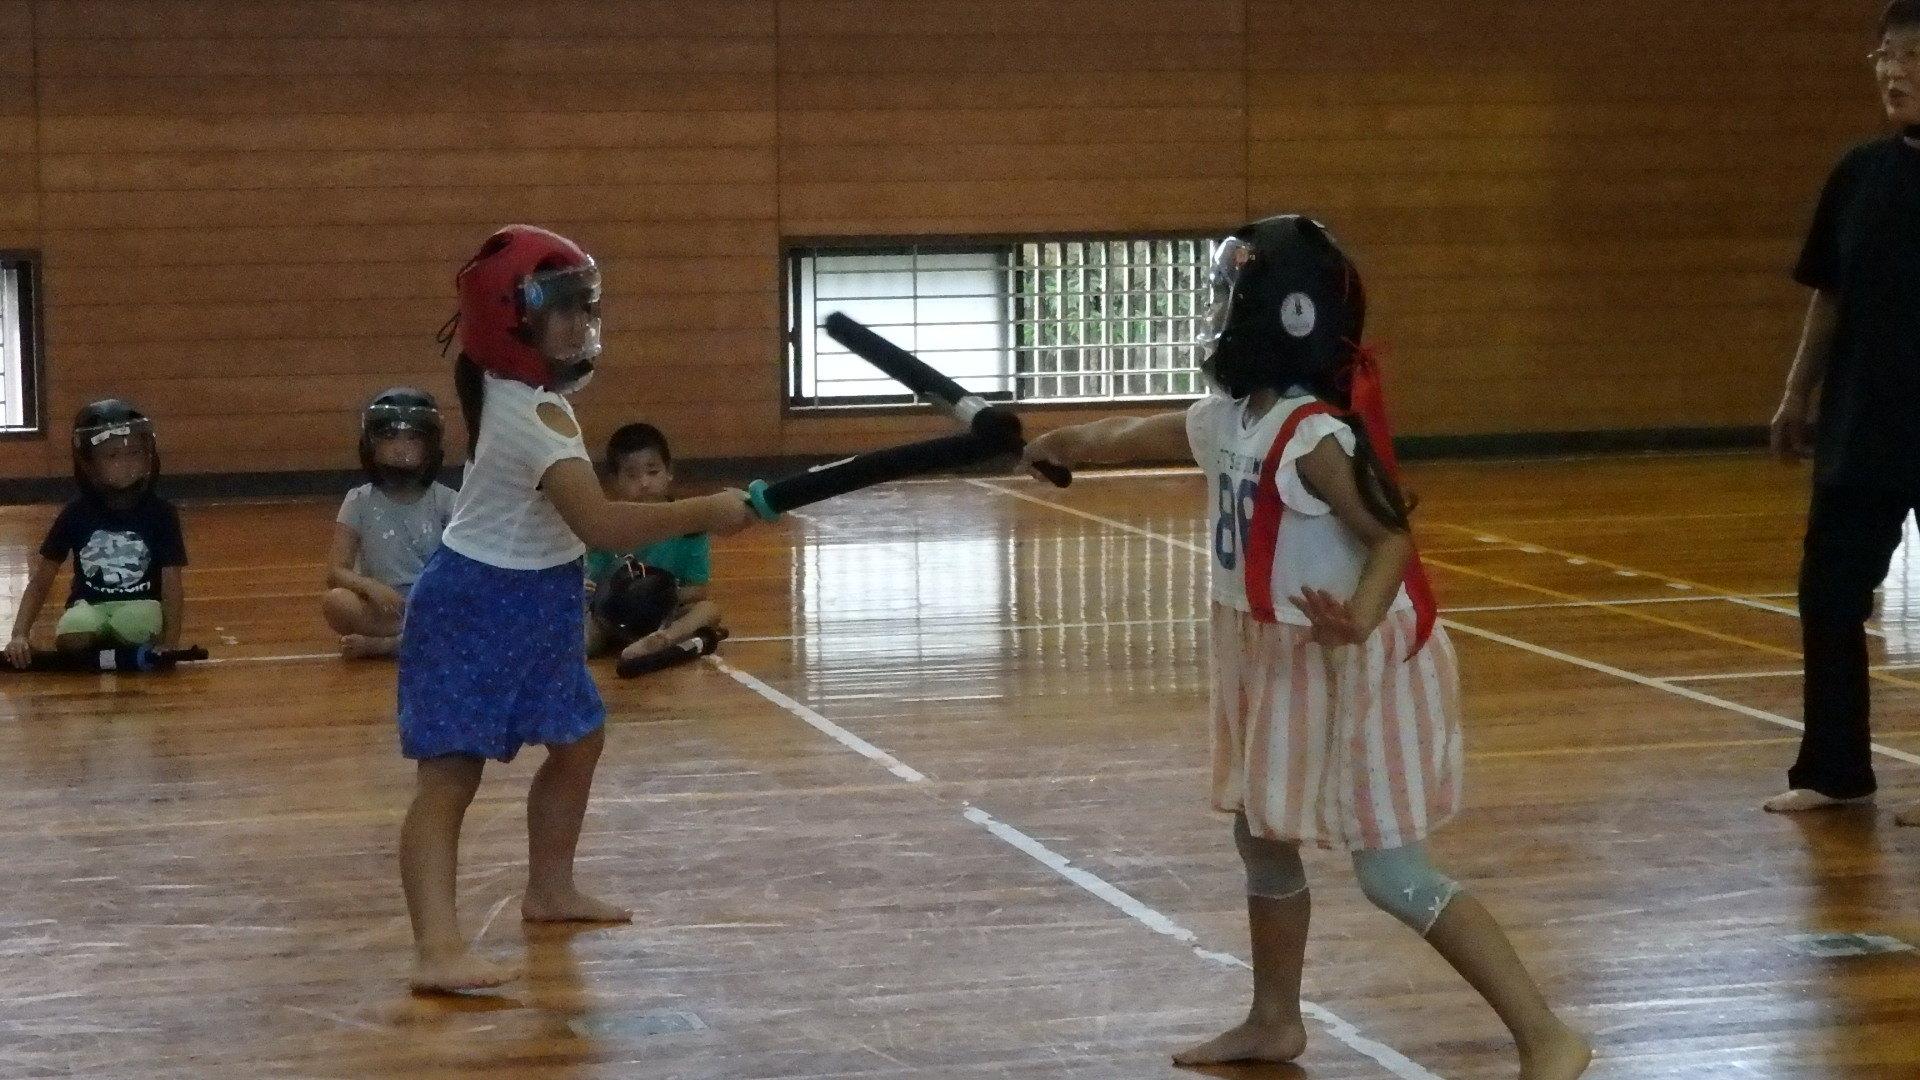 勇ましい剣士誕生!「スポーツチャンバラ + お楽しみ会」_b0239402_17025553.jpg